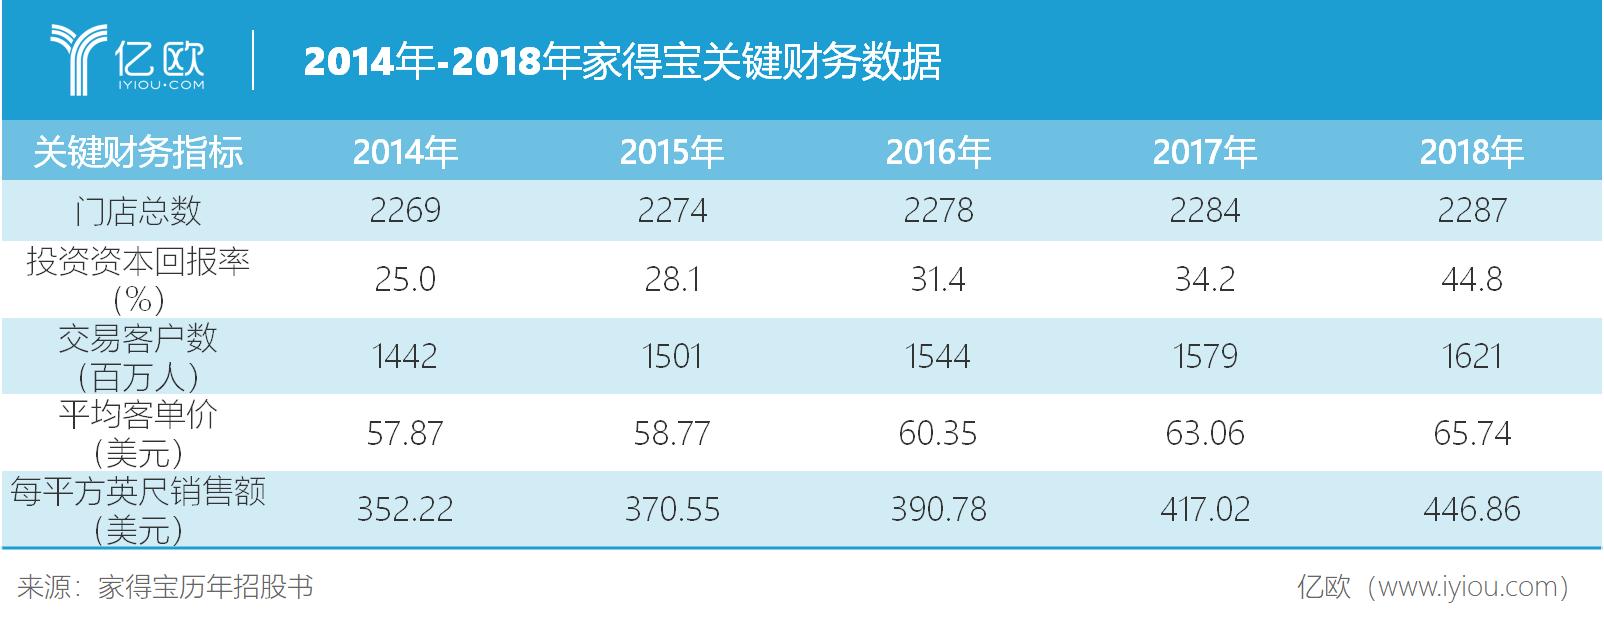 2014年-2018年家得宝关键财务数据.png